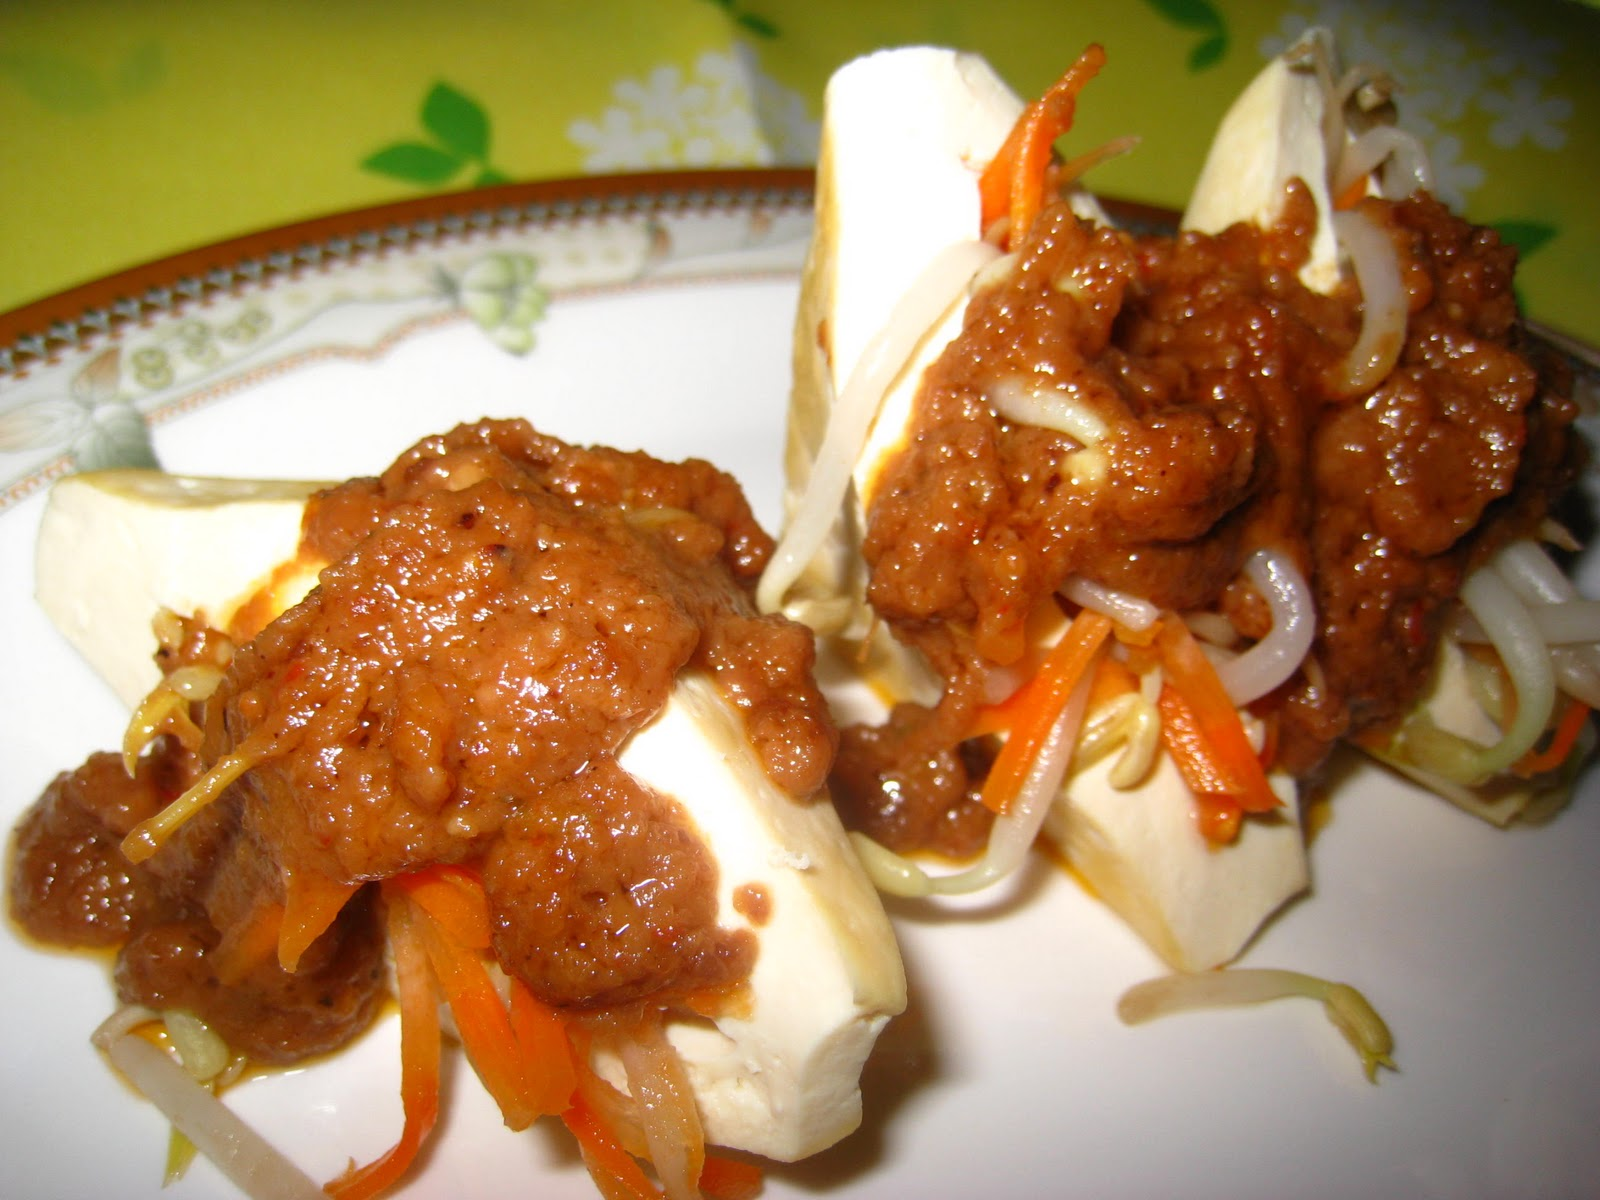 Aneka Resep Masakan Sayur dari Tumis, Bening hingga Bersantan